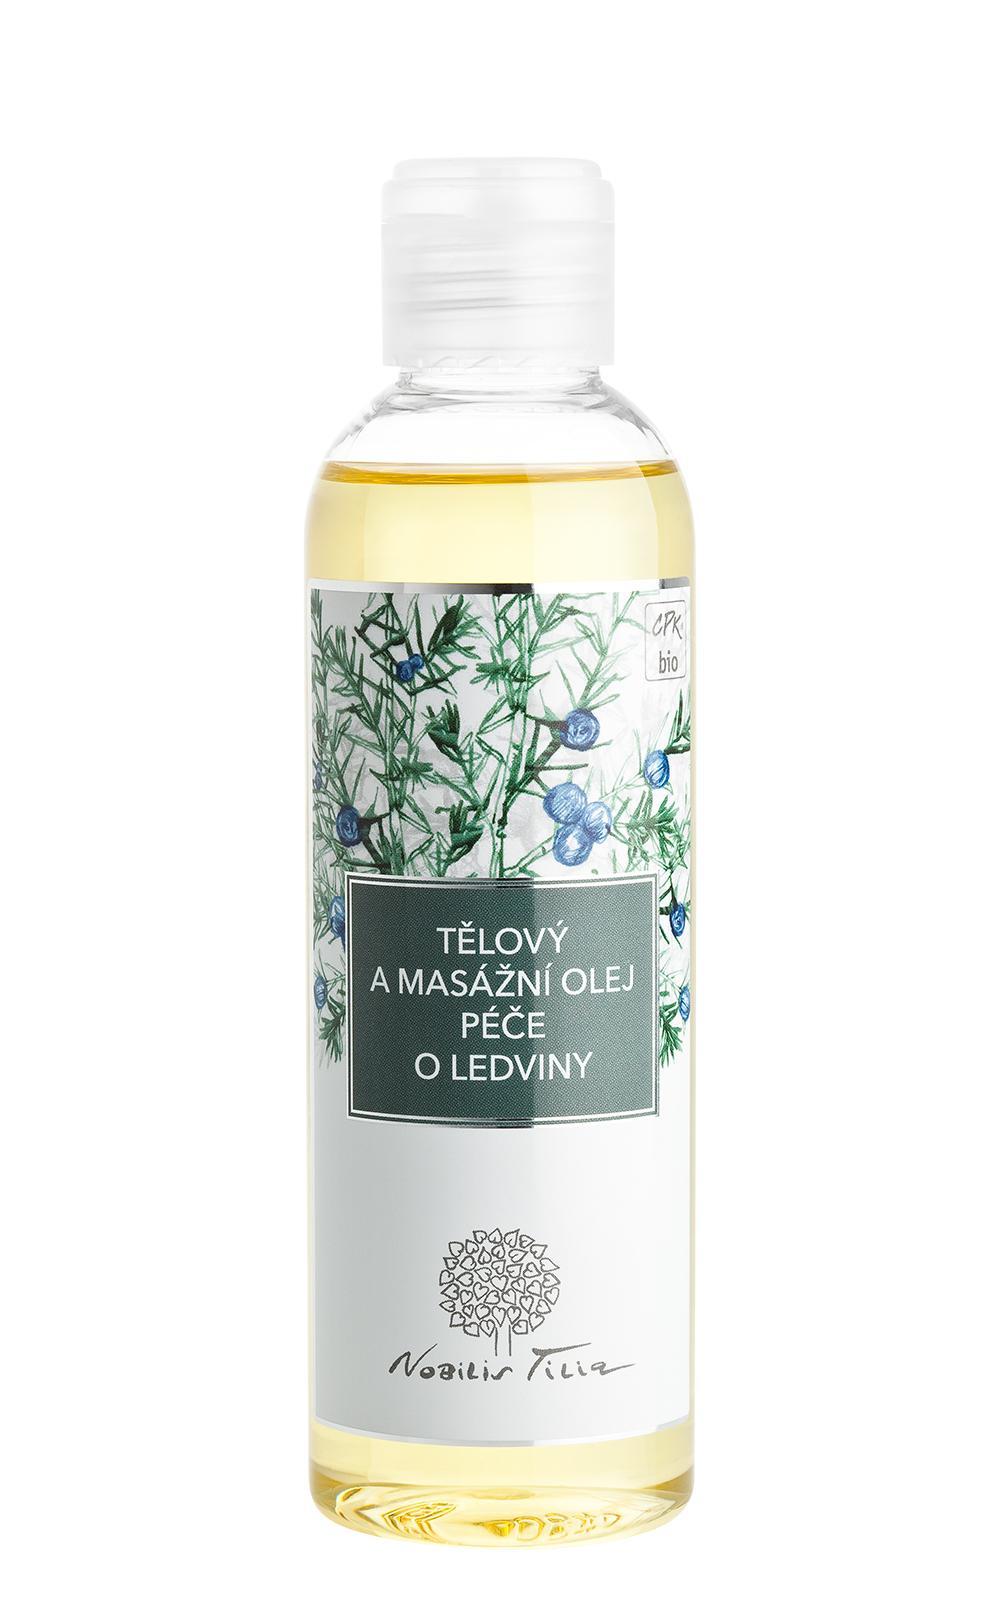 Tělový a masážní olej Péče o ledviny